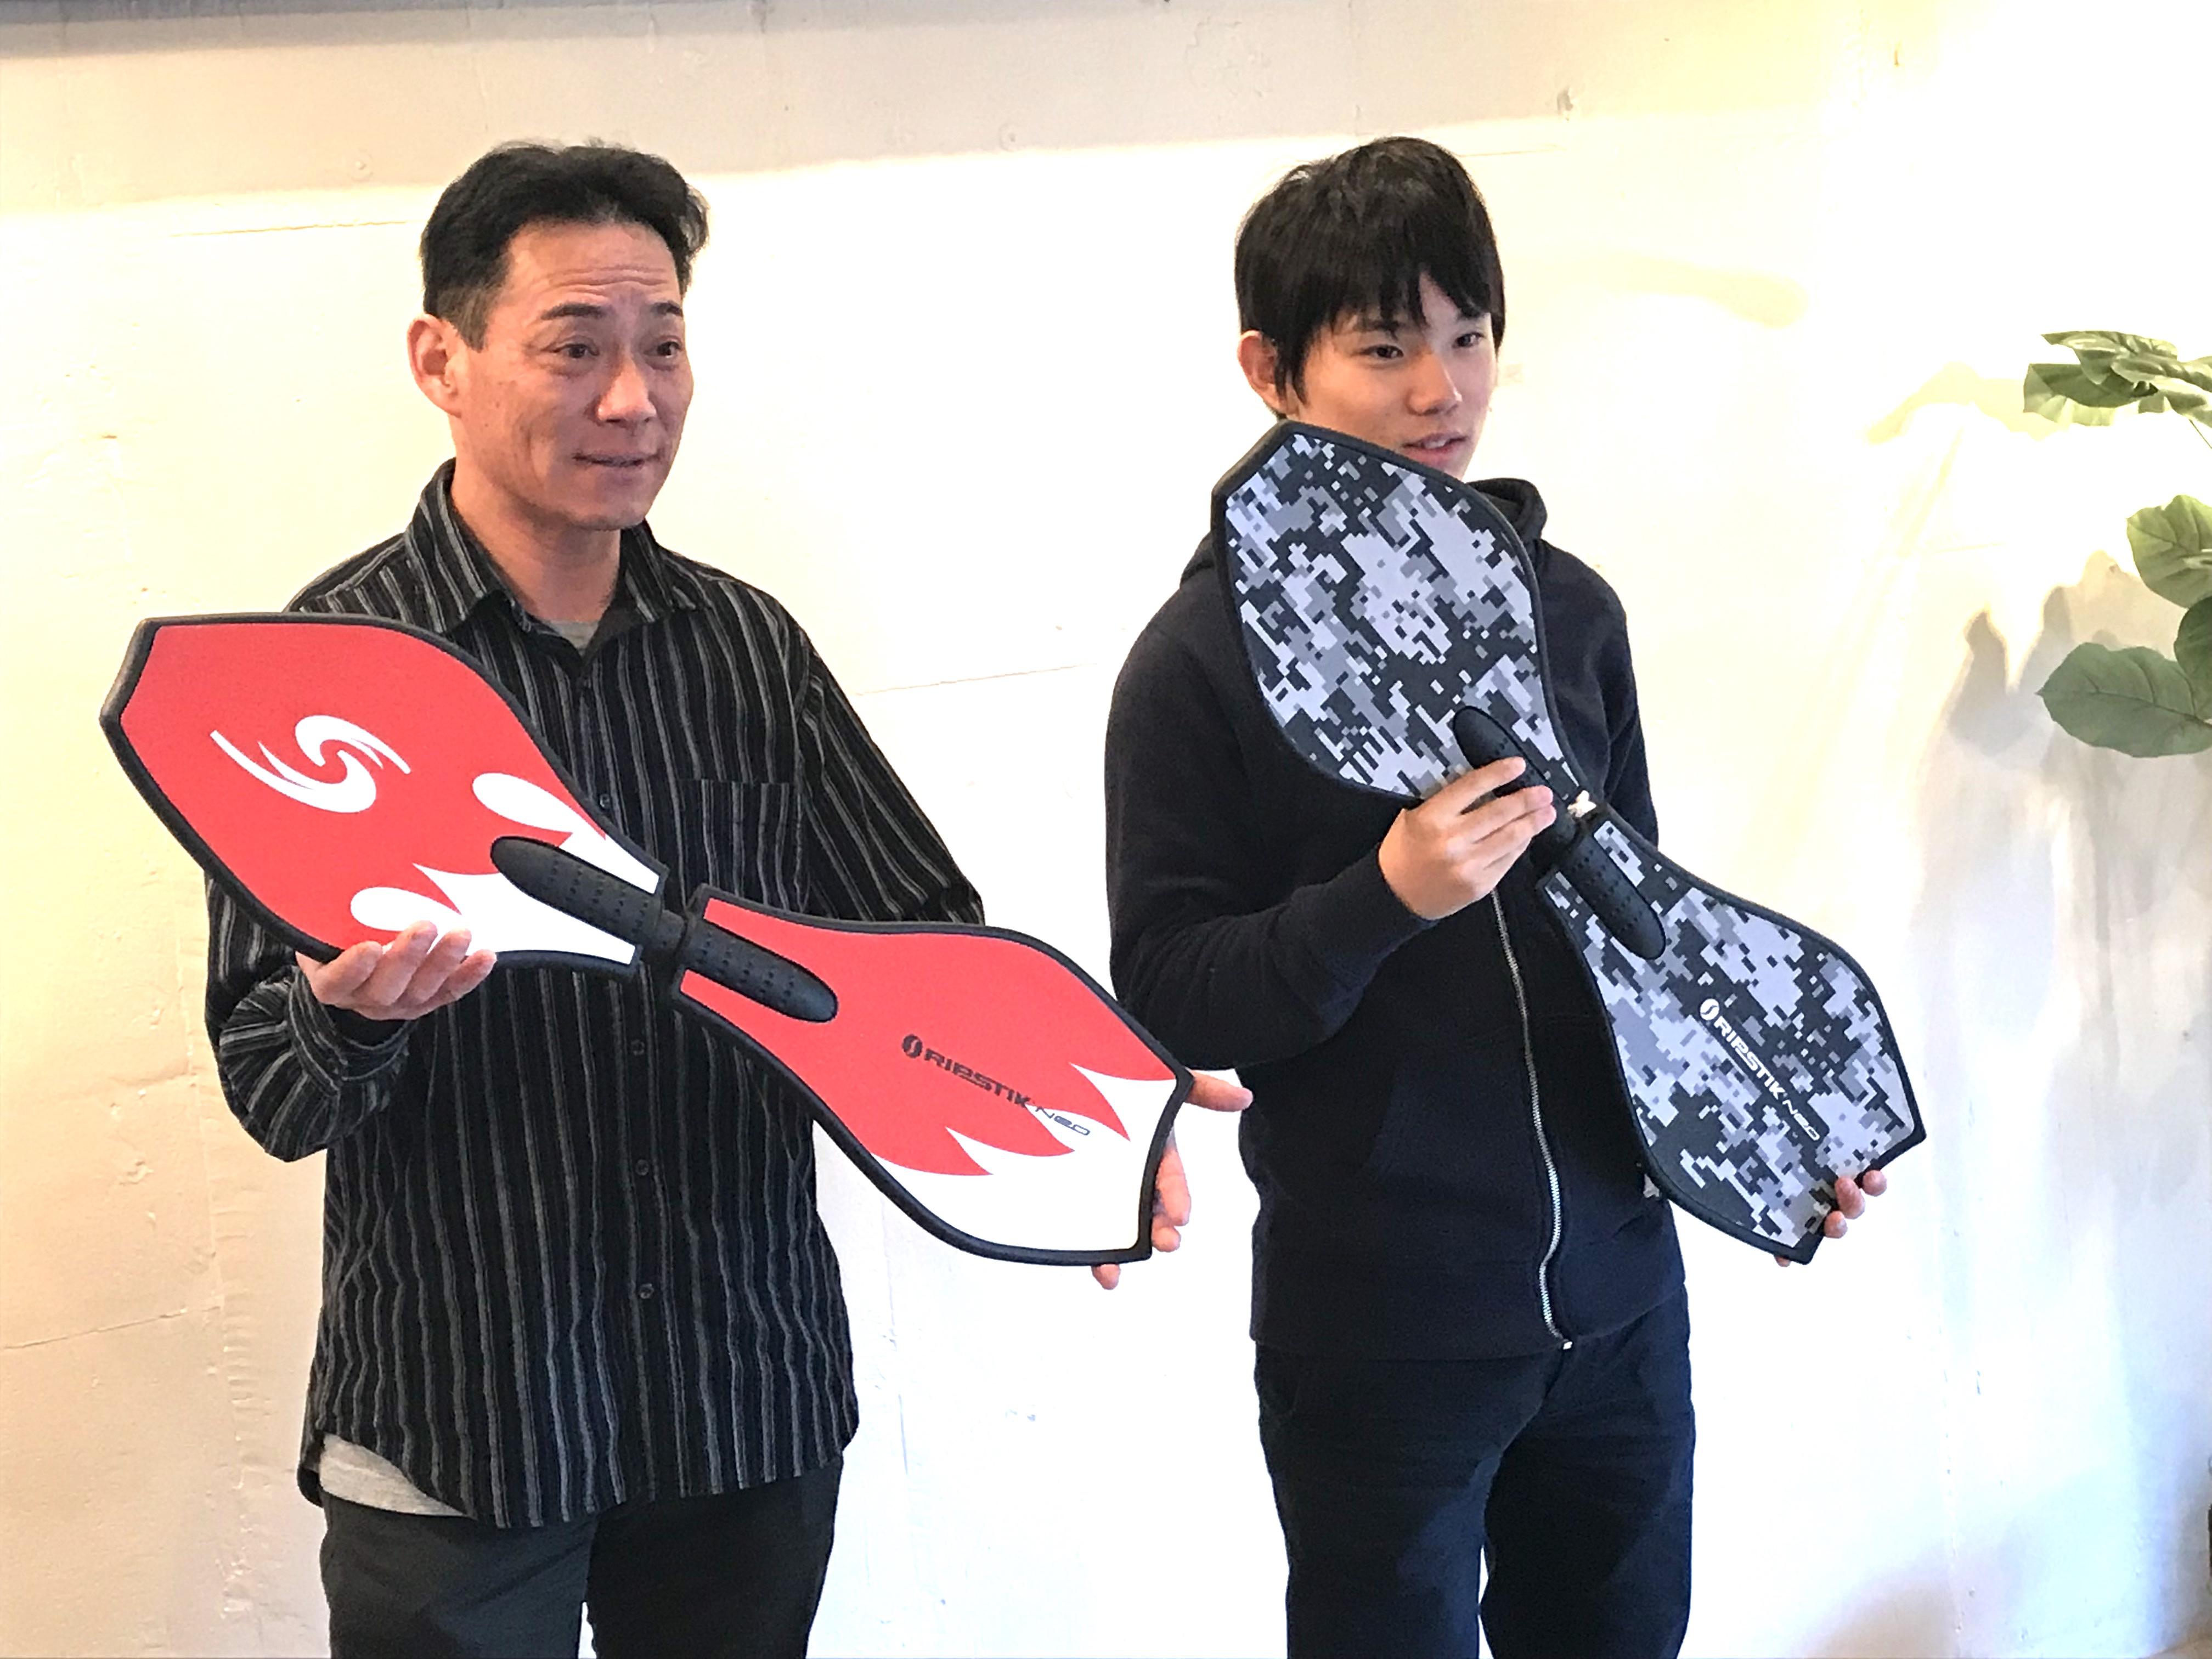 スノーボード 日本選手団 最年少代表國武大晃 ブレイブボード 体幹トレーニング コアトレーニング